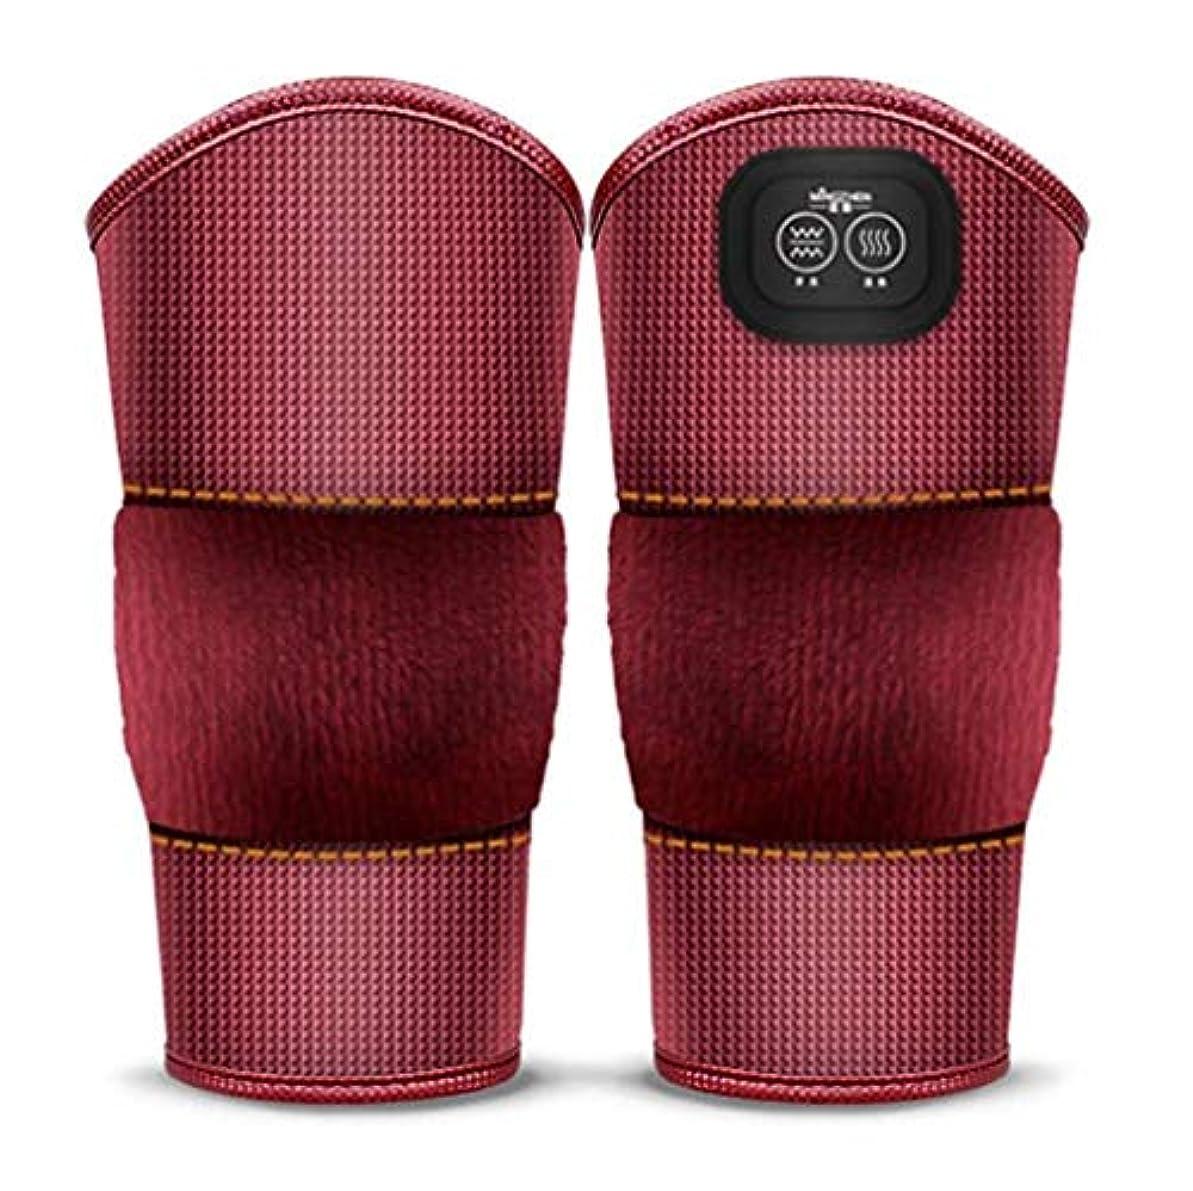 有益時折松の木マッサージ加熱膝ブレースラップ、プロフェッショナルな膝サポートパッド、膝捻挫の痛み、関節炎の痛み、古い冷たい脚の関節痛